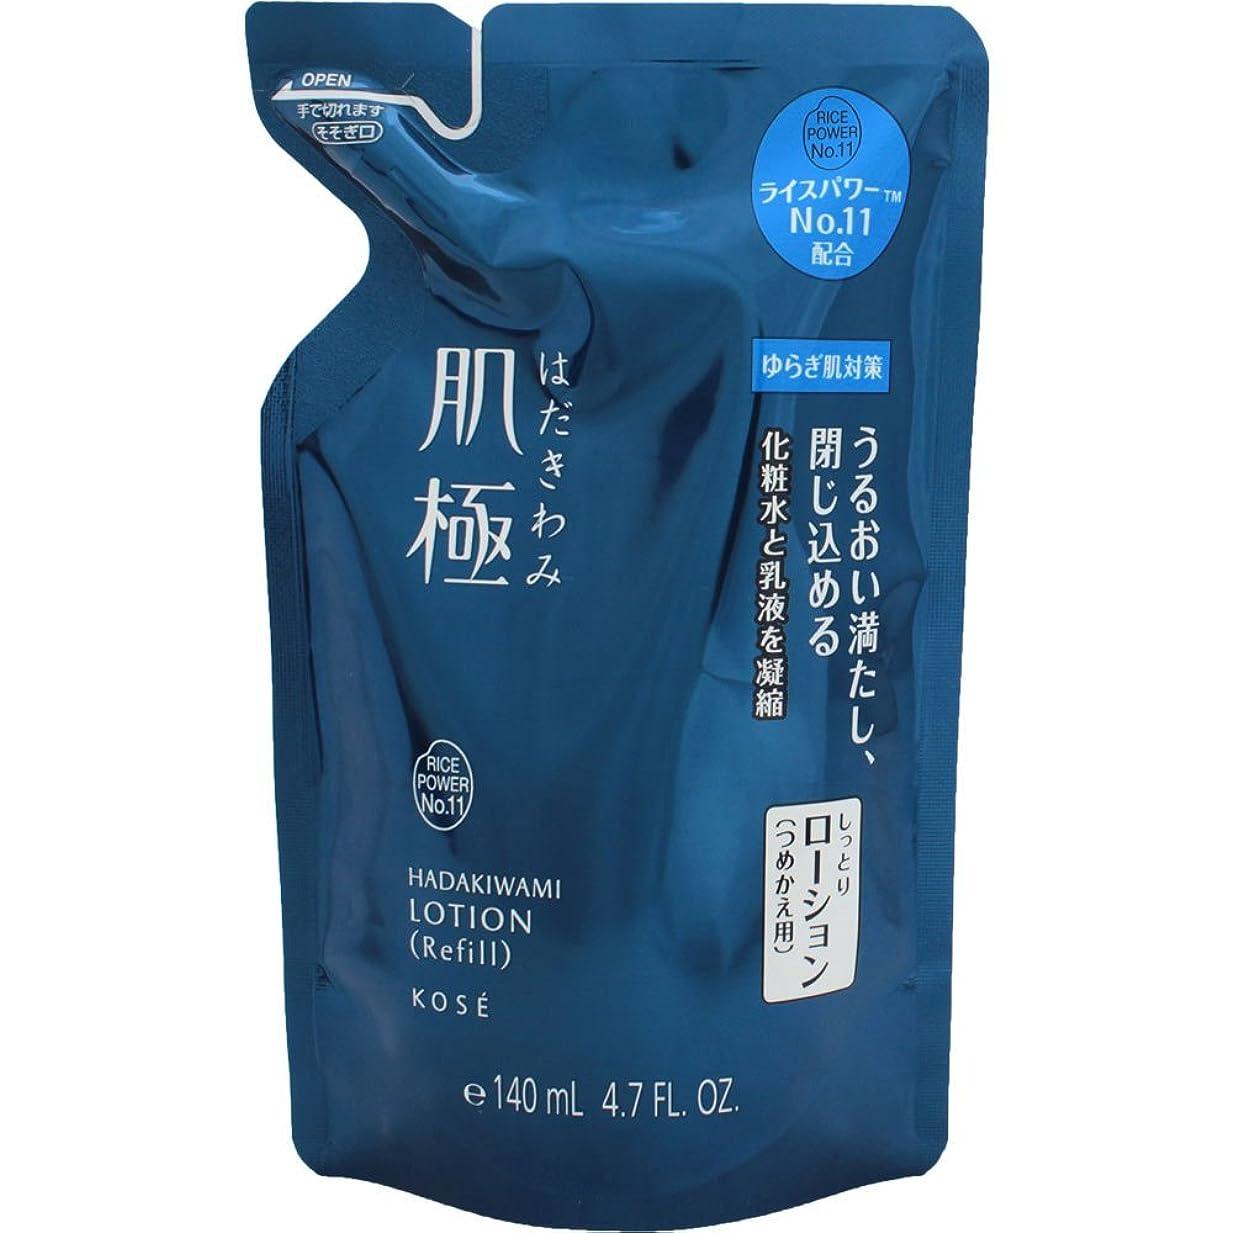 肌極 はだきわみ 化粧液 (つめかえ用) 140mL